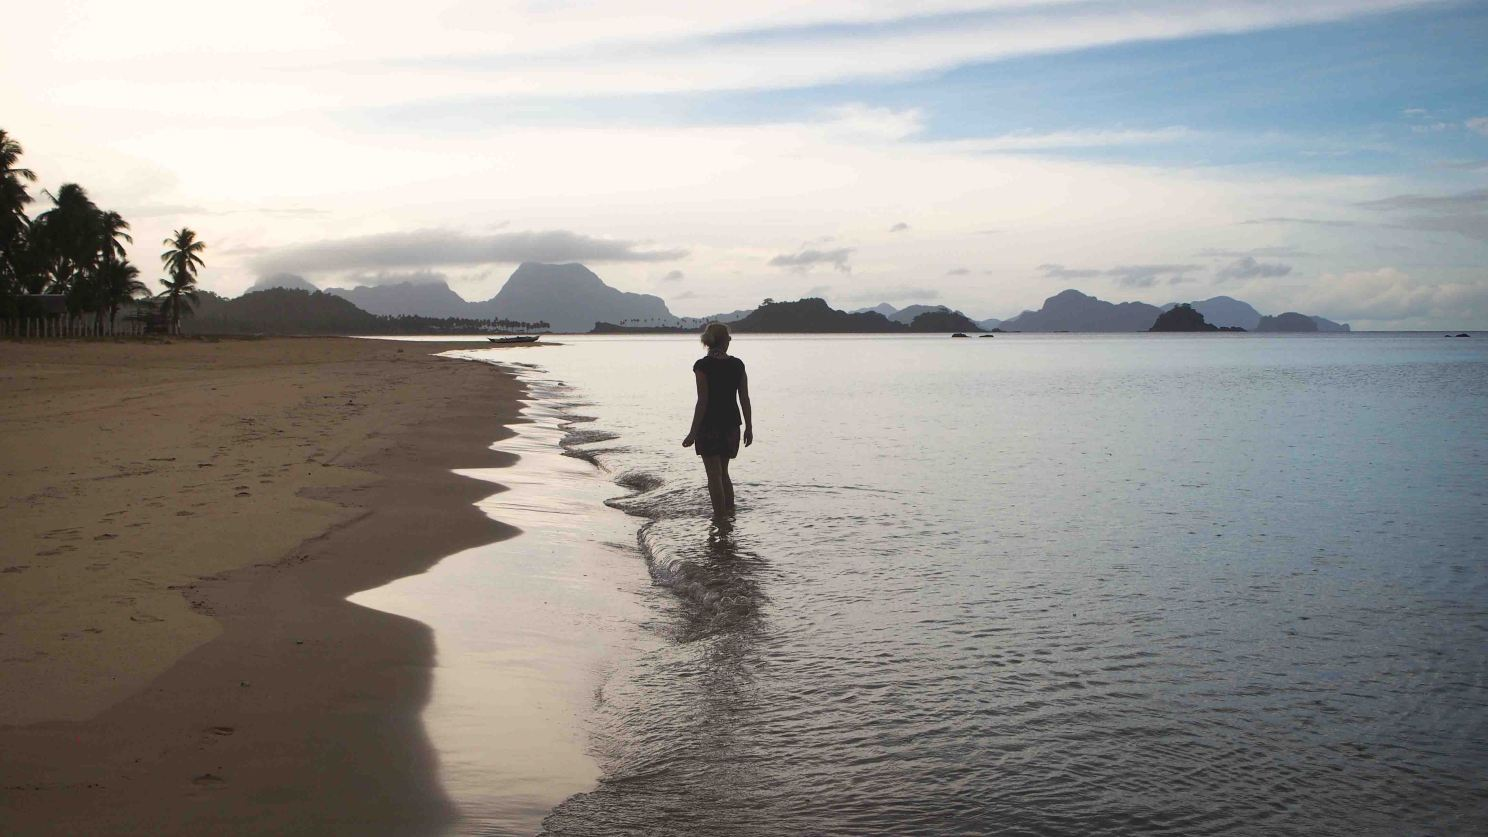 mejores-playas-el-nido-nacpan-beach